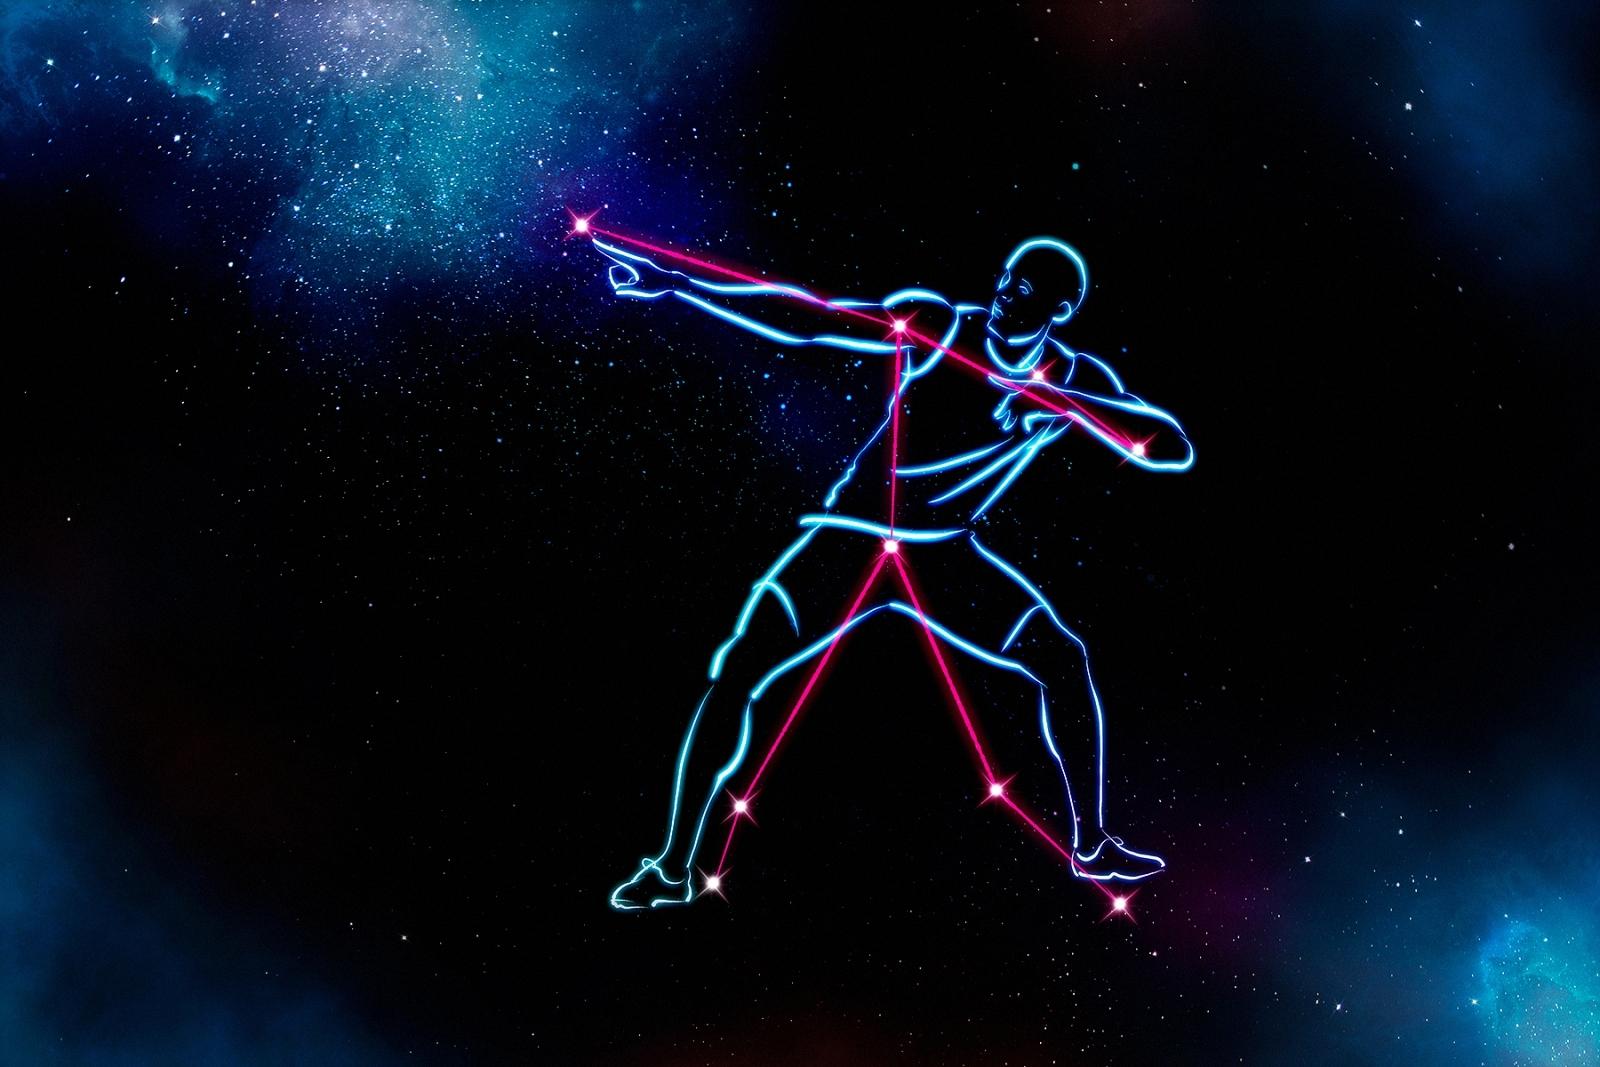 Usain Bolt constellation